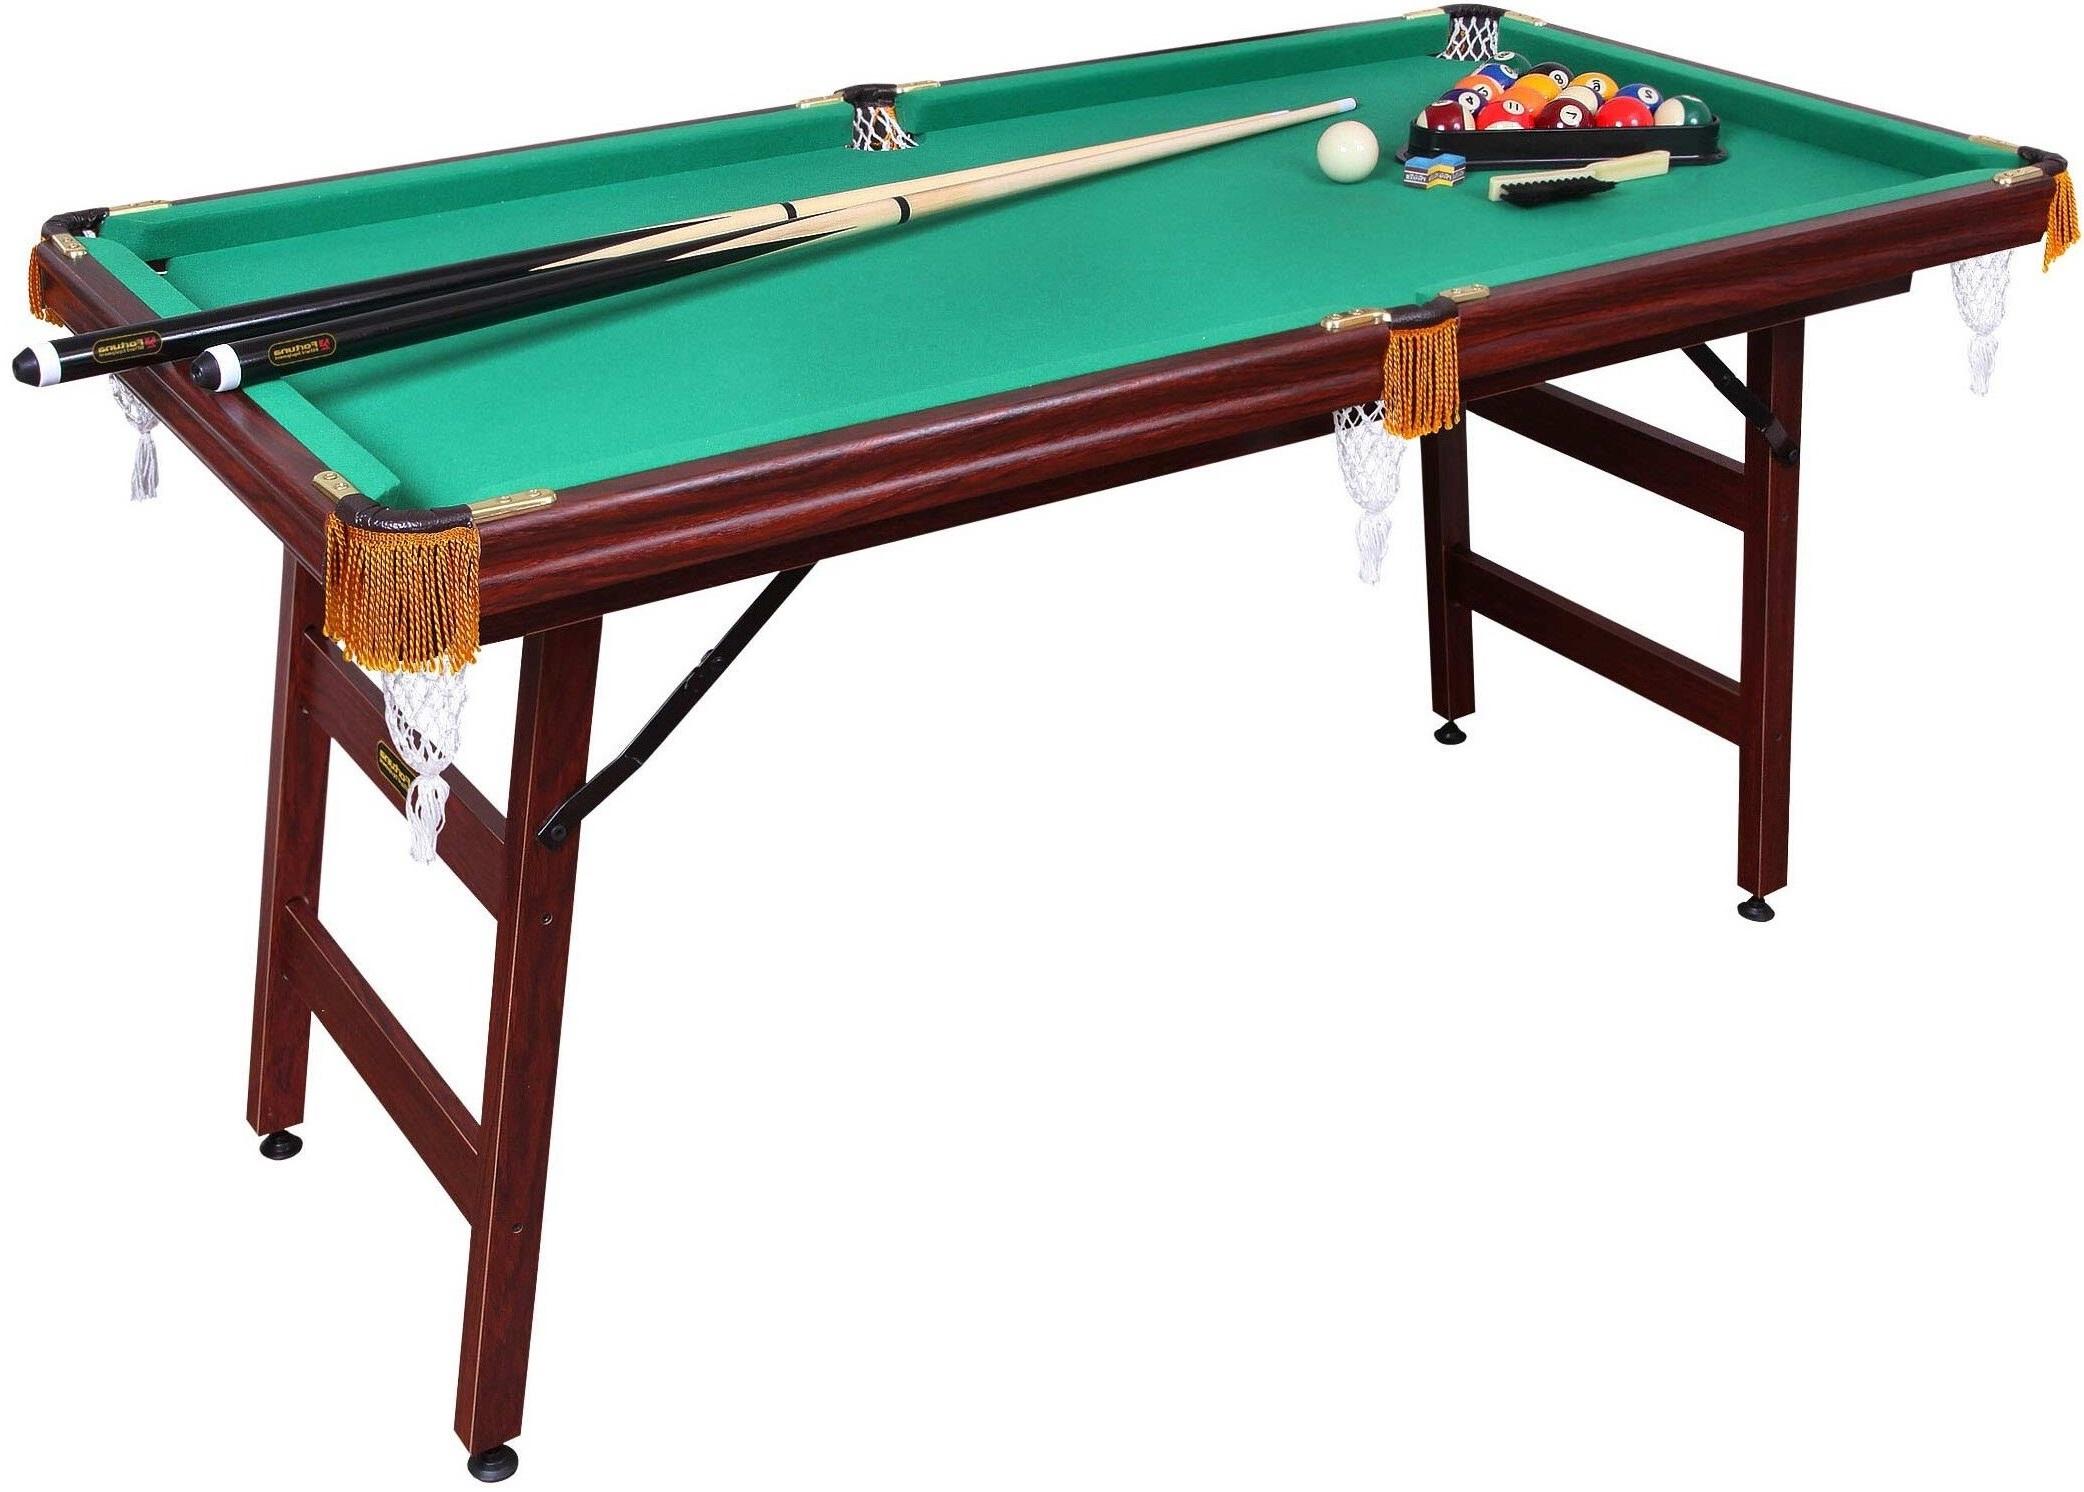 Бильярдный стол Fortuna Пул 6FT 9в1